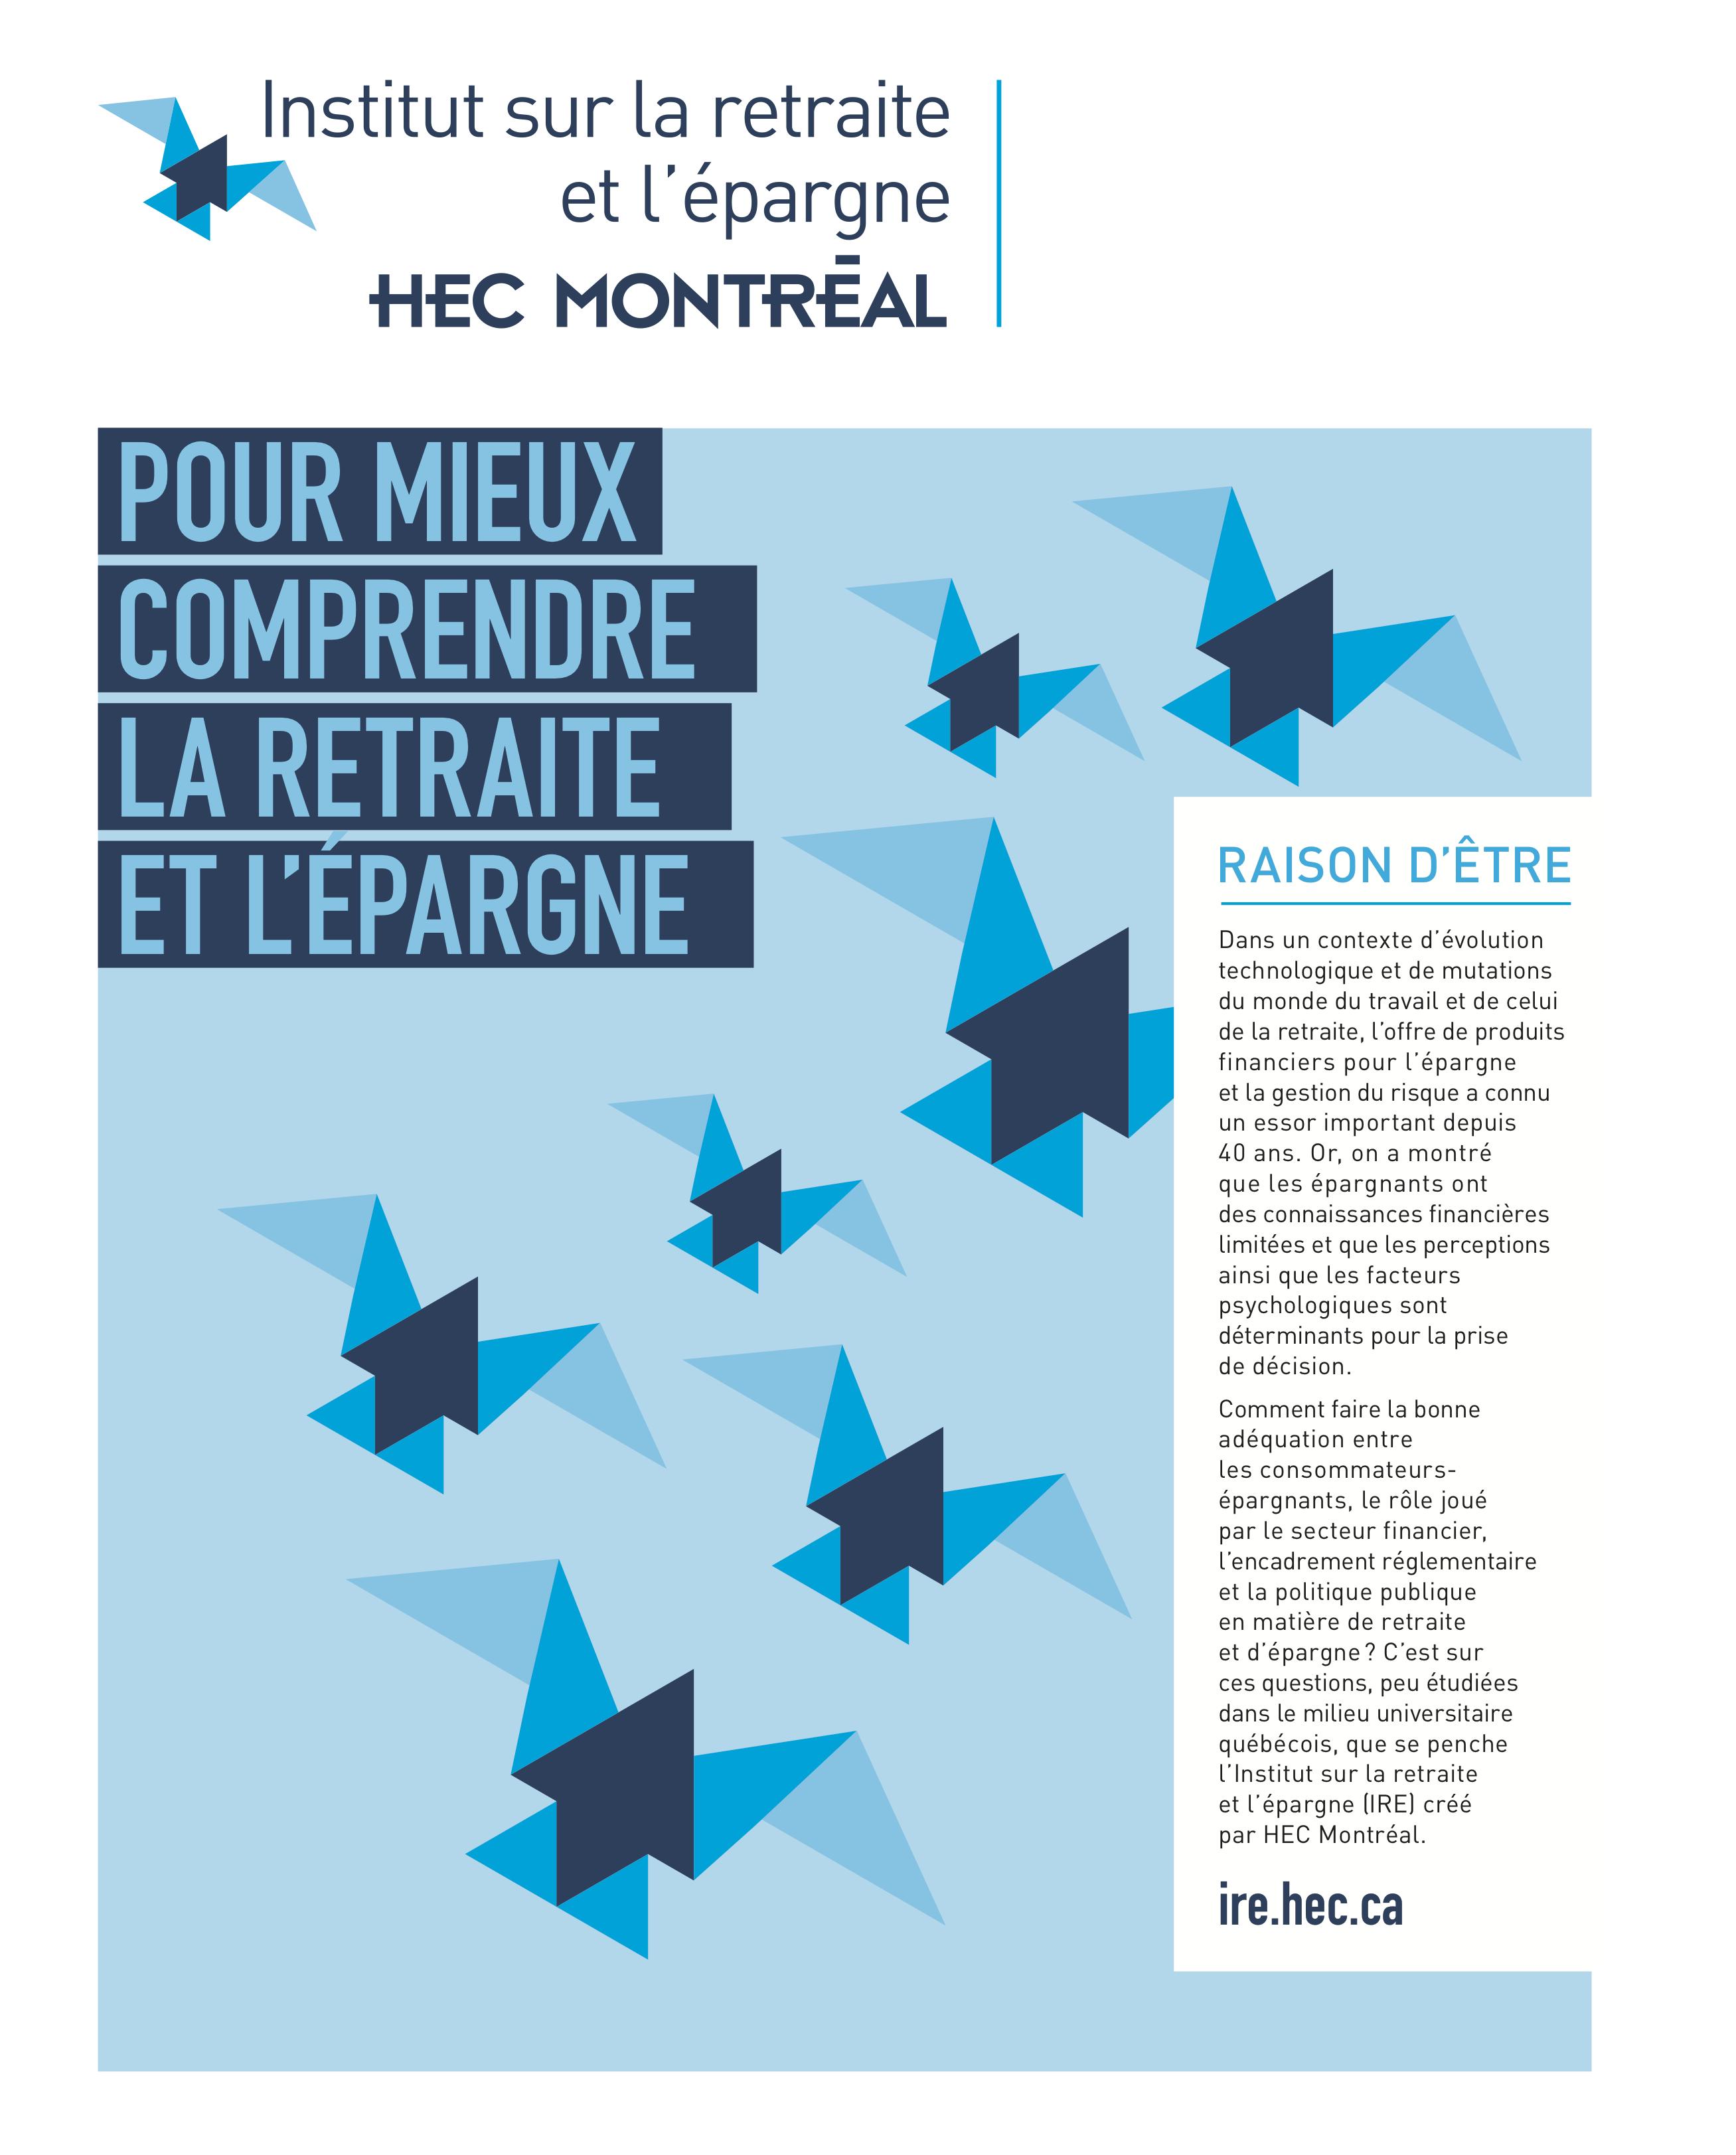 http://ire.hec.ca/wp-content/uploads/2018/08/SDG-13051_Dépliant-promo-Institut-sur-la-retraite-et-l'épargne_web-rev.pdf